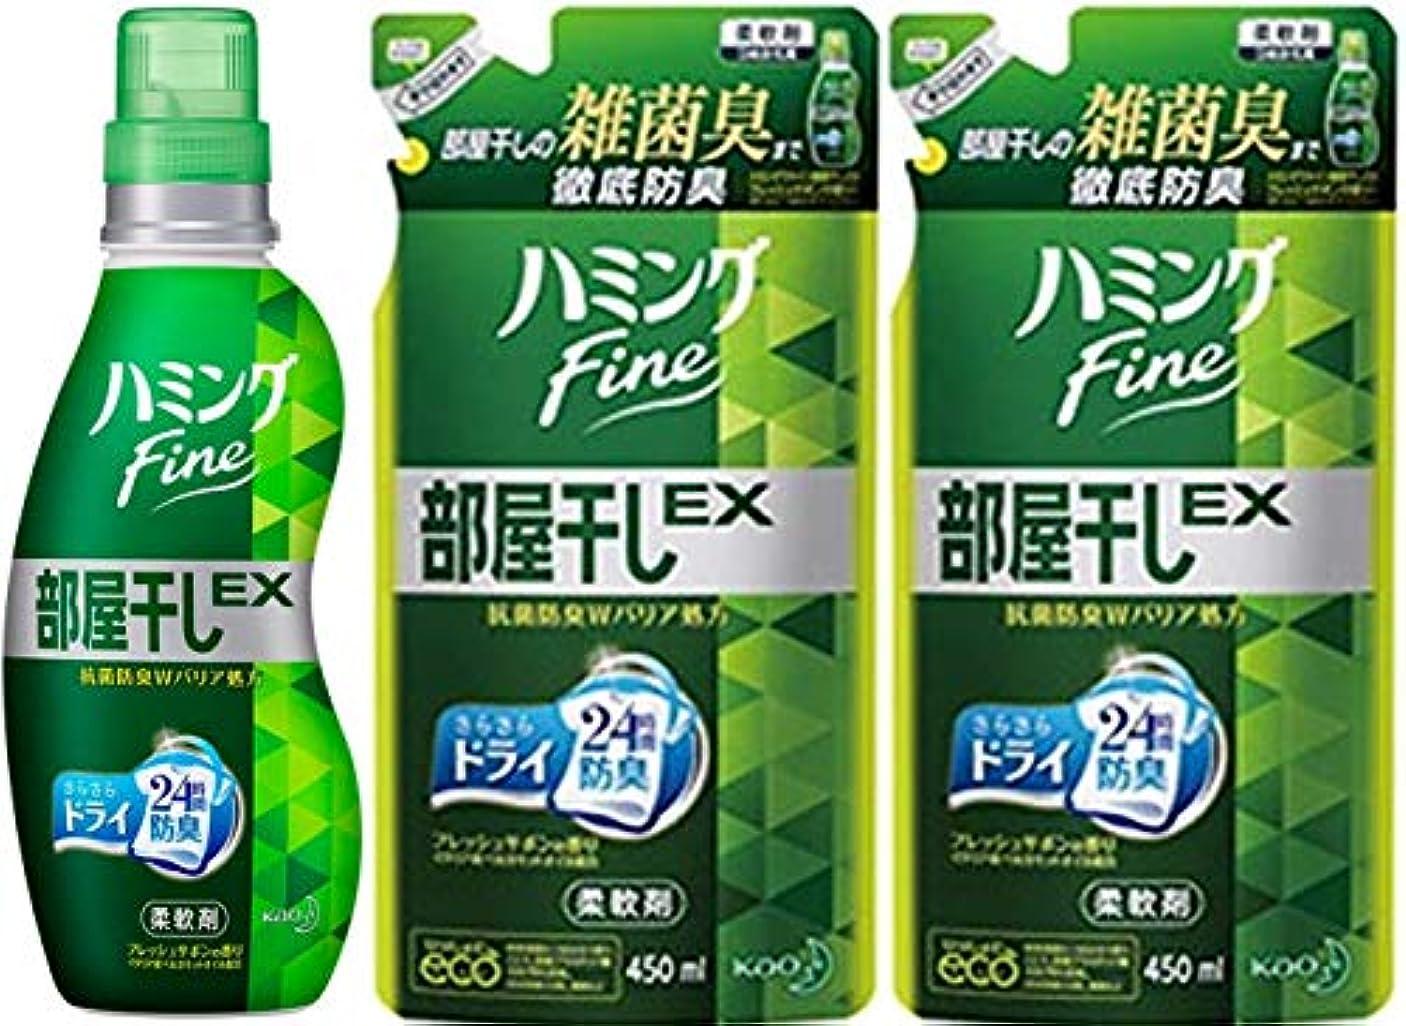 チート知事行商ハミングファイン 柔軟剤 部屋干しEX フレッシュサボンの香り 本体540ml+詰替用 450ml(2個)